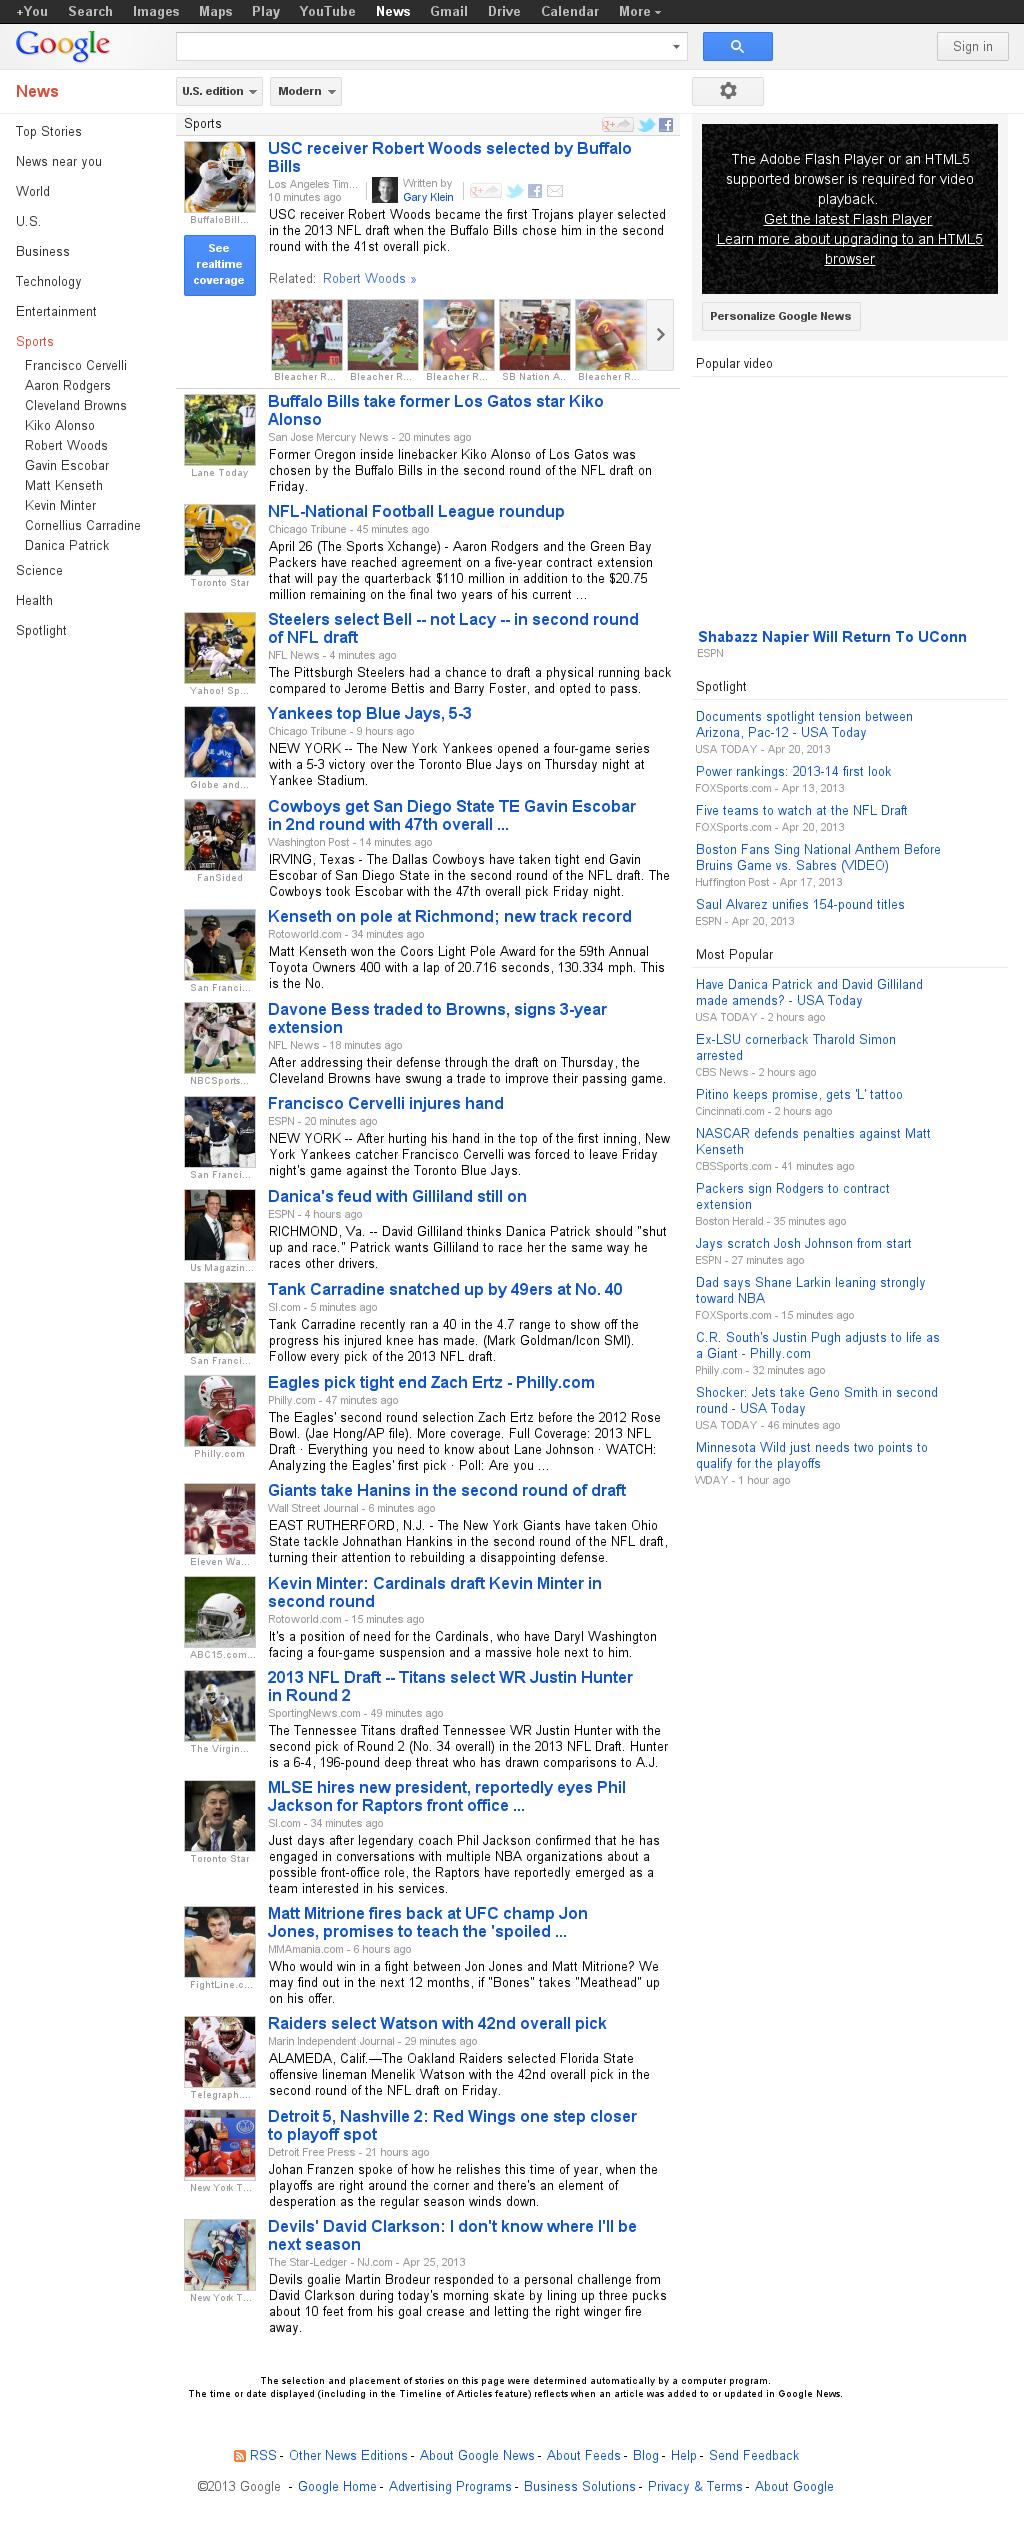 Google News: Sports at Saturday April 27, 2013, 12:08 a.m. UTC